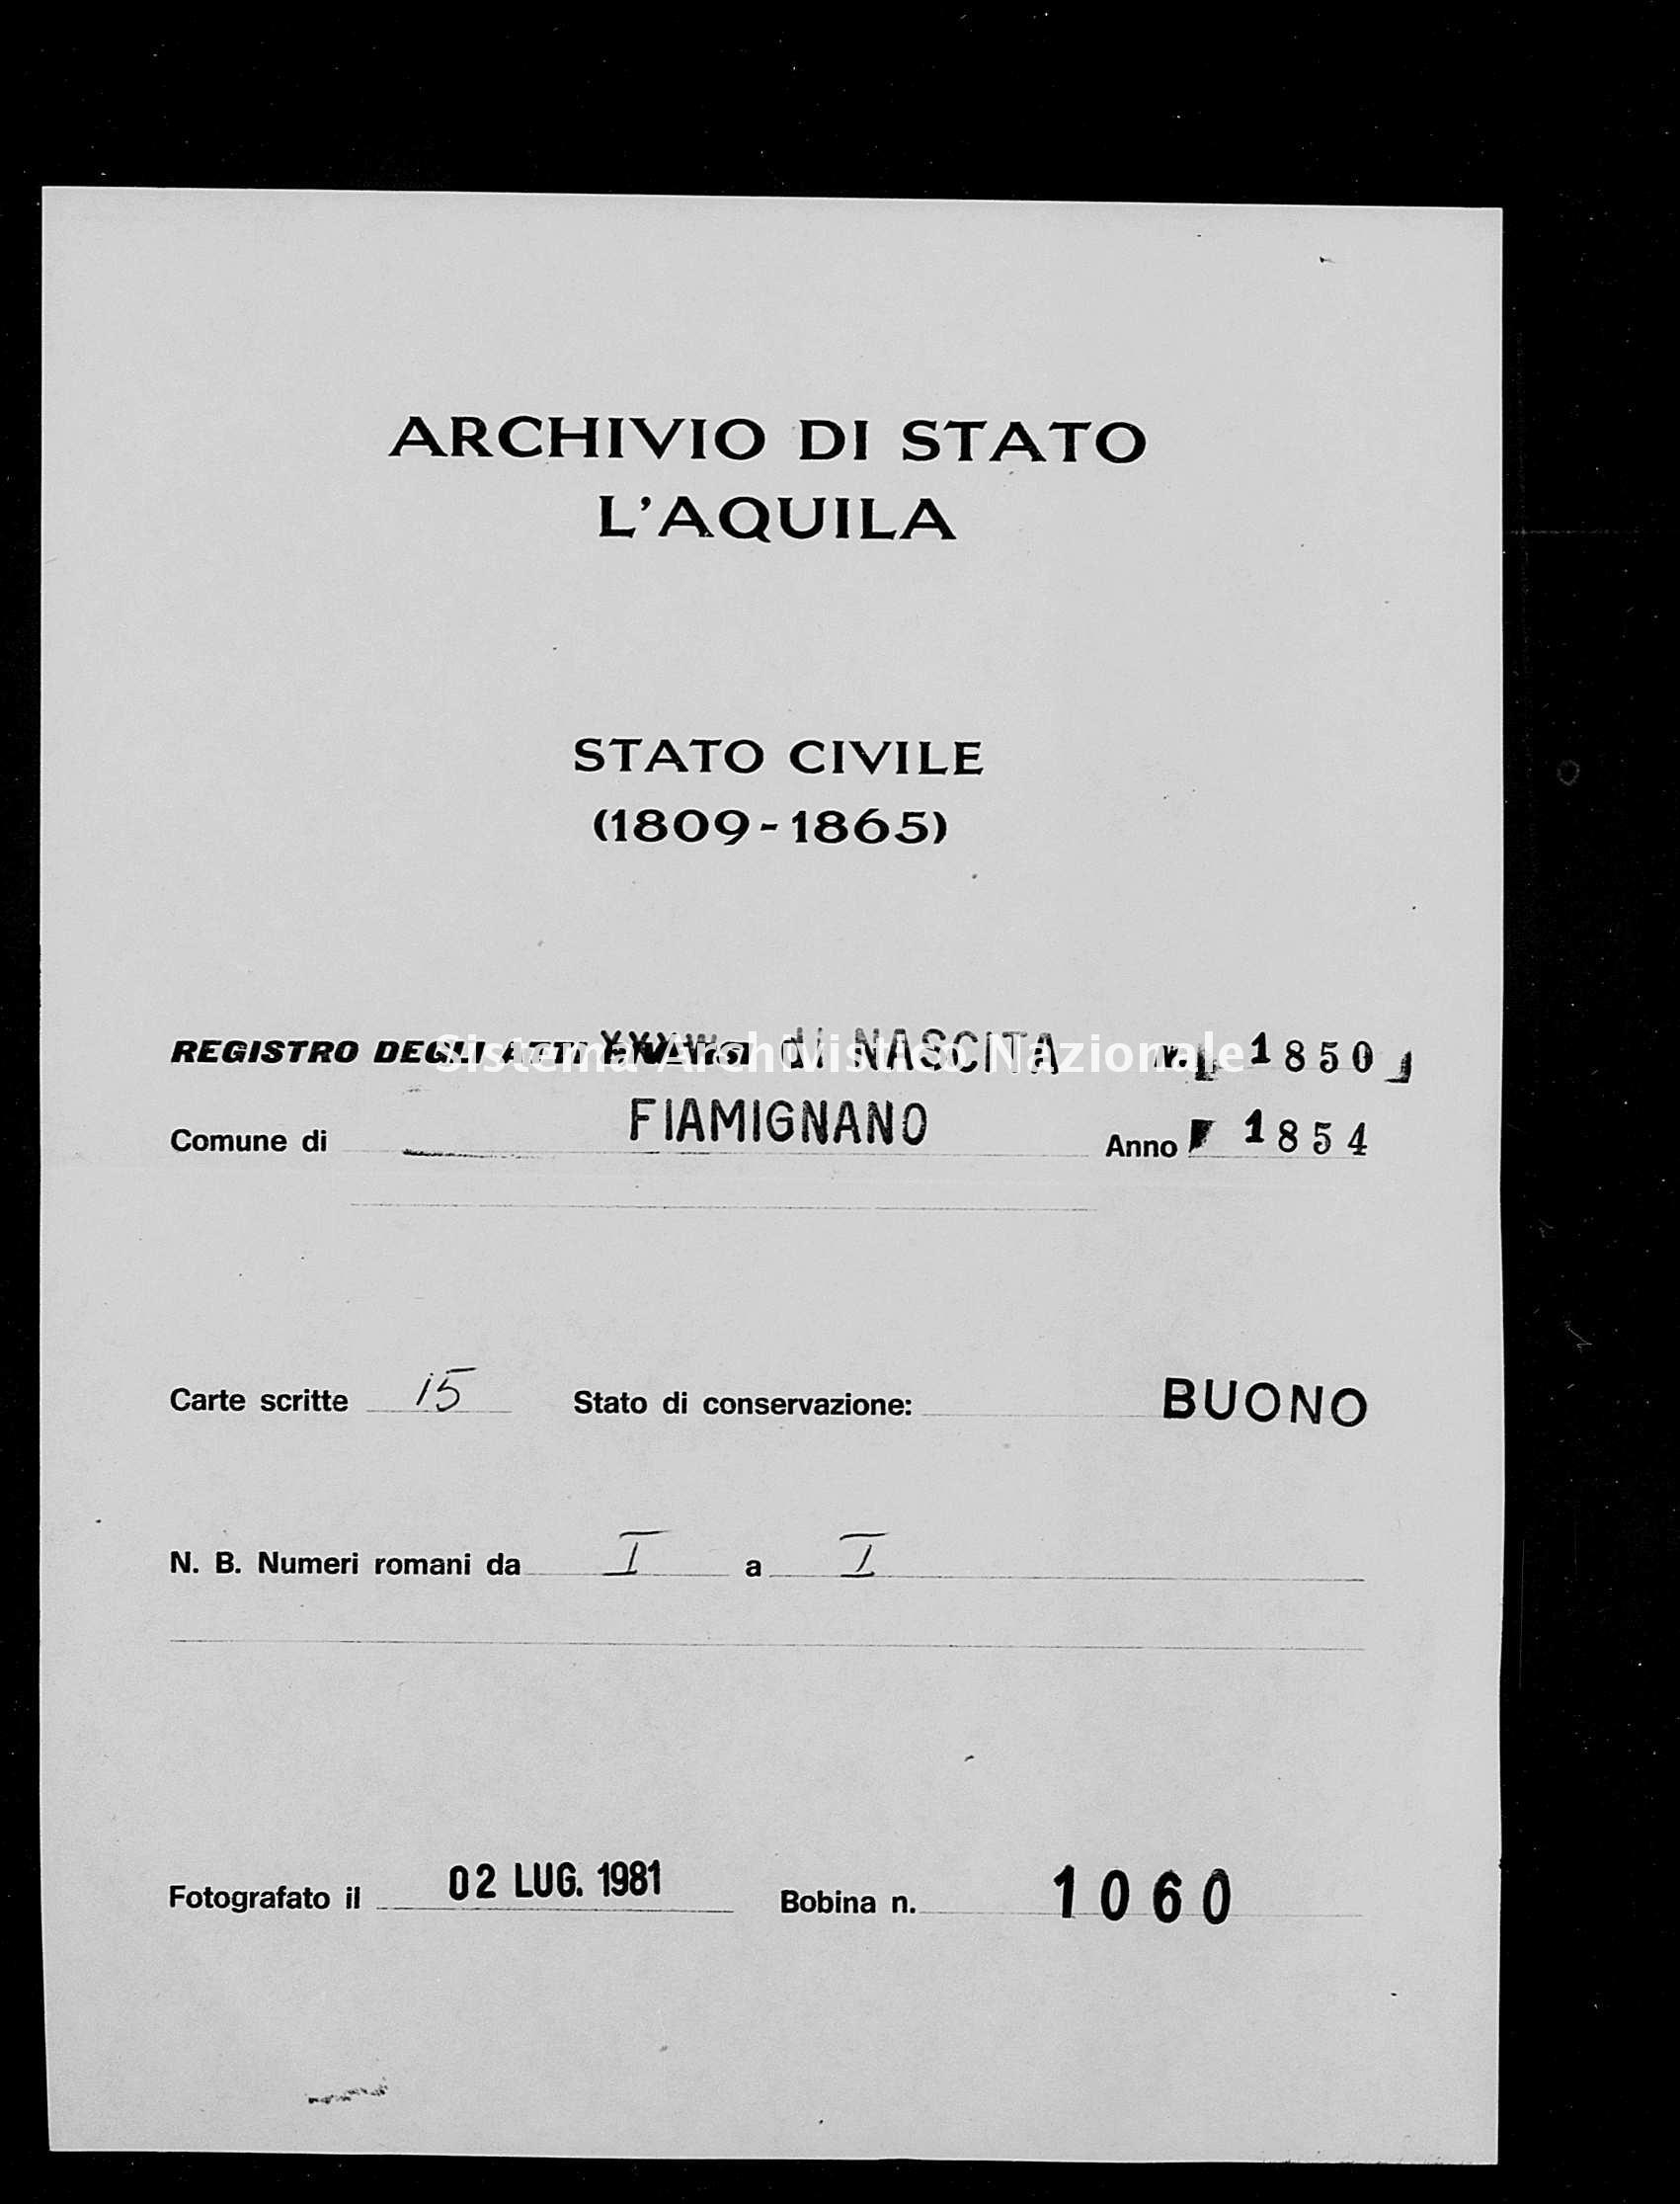 Archivio di stato di L'aquila - Stato civile della restaurazione - Fiamignano - Nati - 1854 - 1850 -